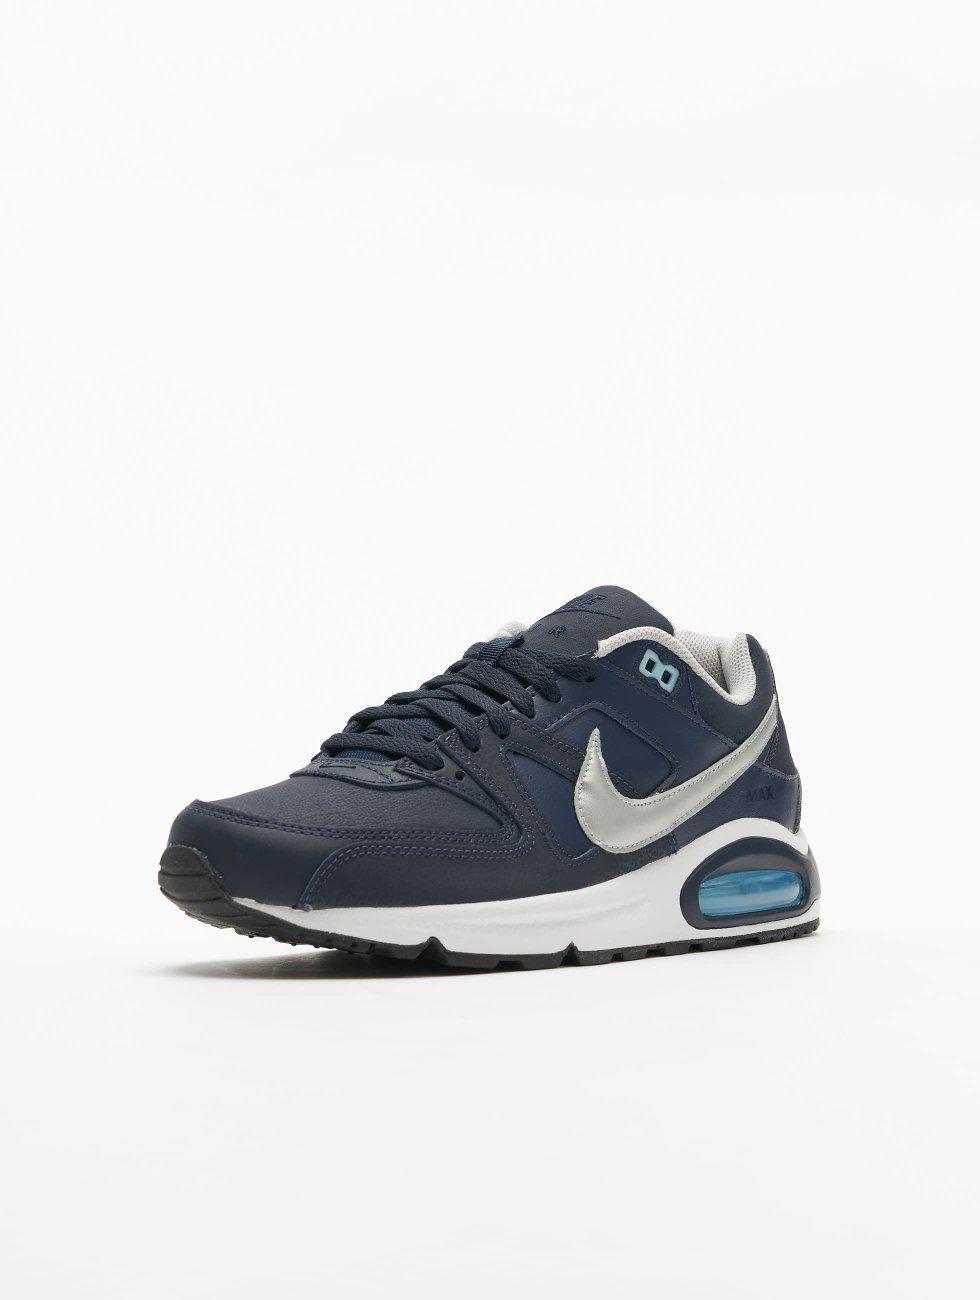 Comando Air Max Pattino / Sneaker Nike In Blu 443 819 tmB1S9Ur